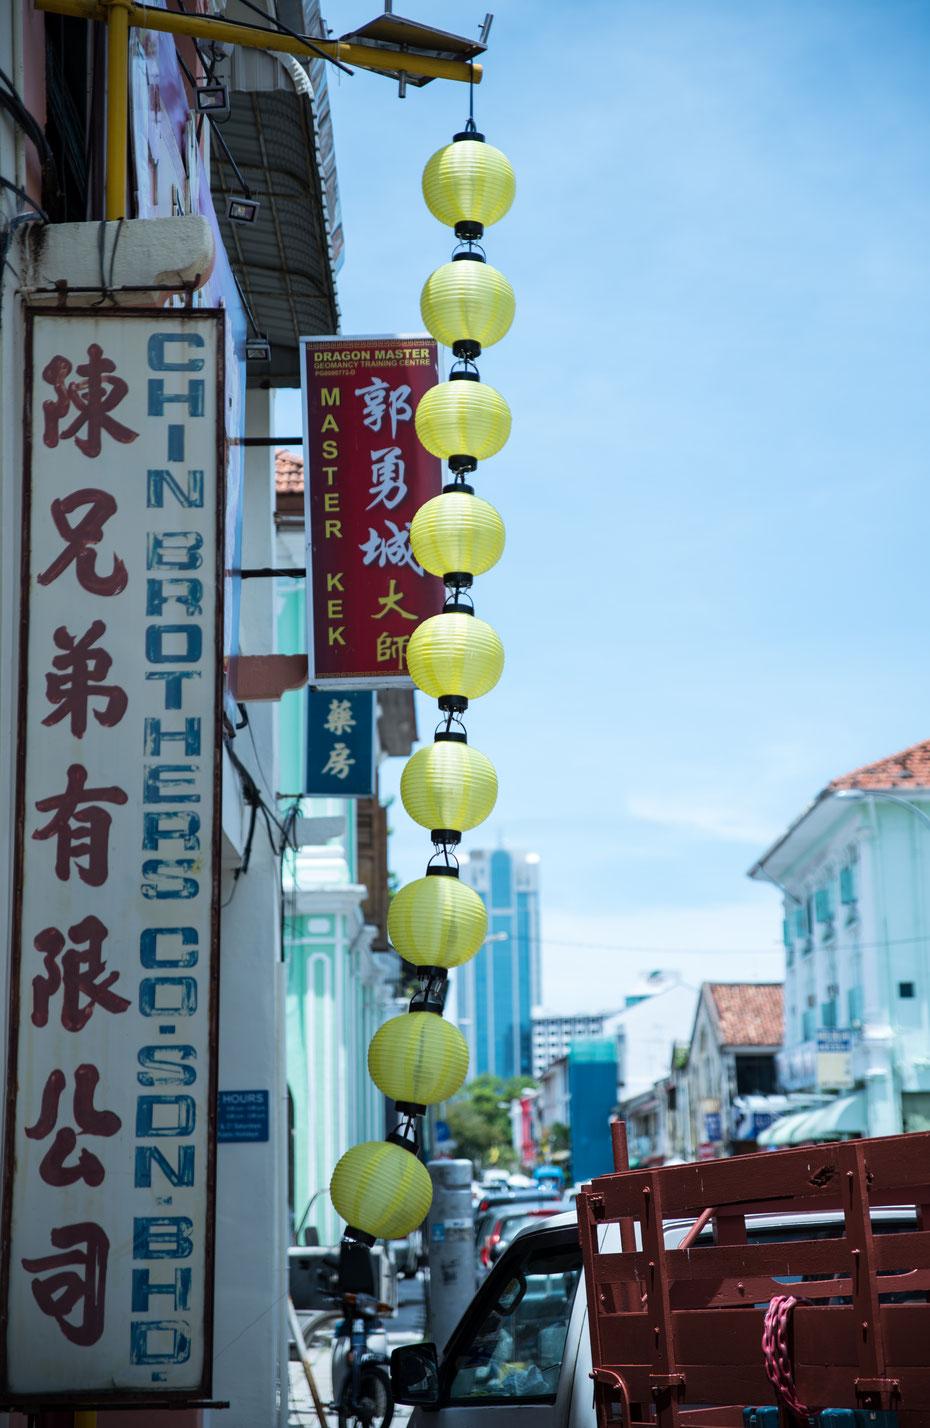 Chinatown in Georgetown, der Hauptstadt von Penang. Der gesamte Stadtkern ist UNESCO Weltkulturerbe und beherbergt neben Chinatown auch ein Little India und einen britisch geprägten kolonialen Stadtteil.